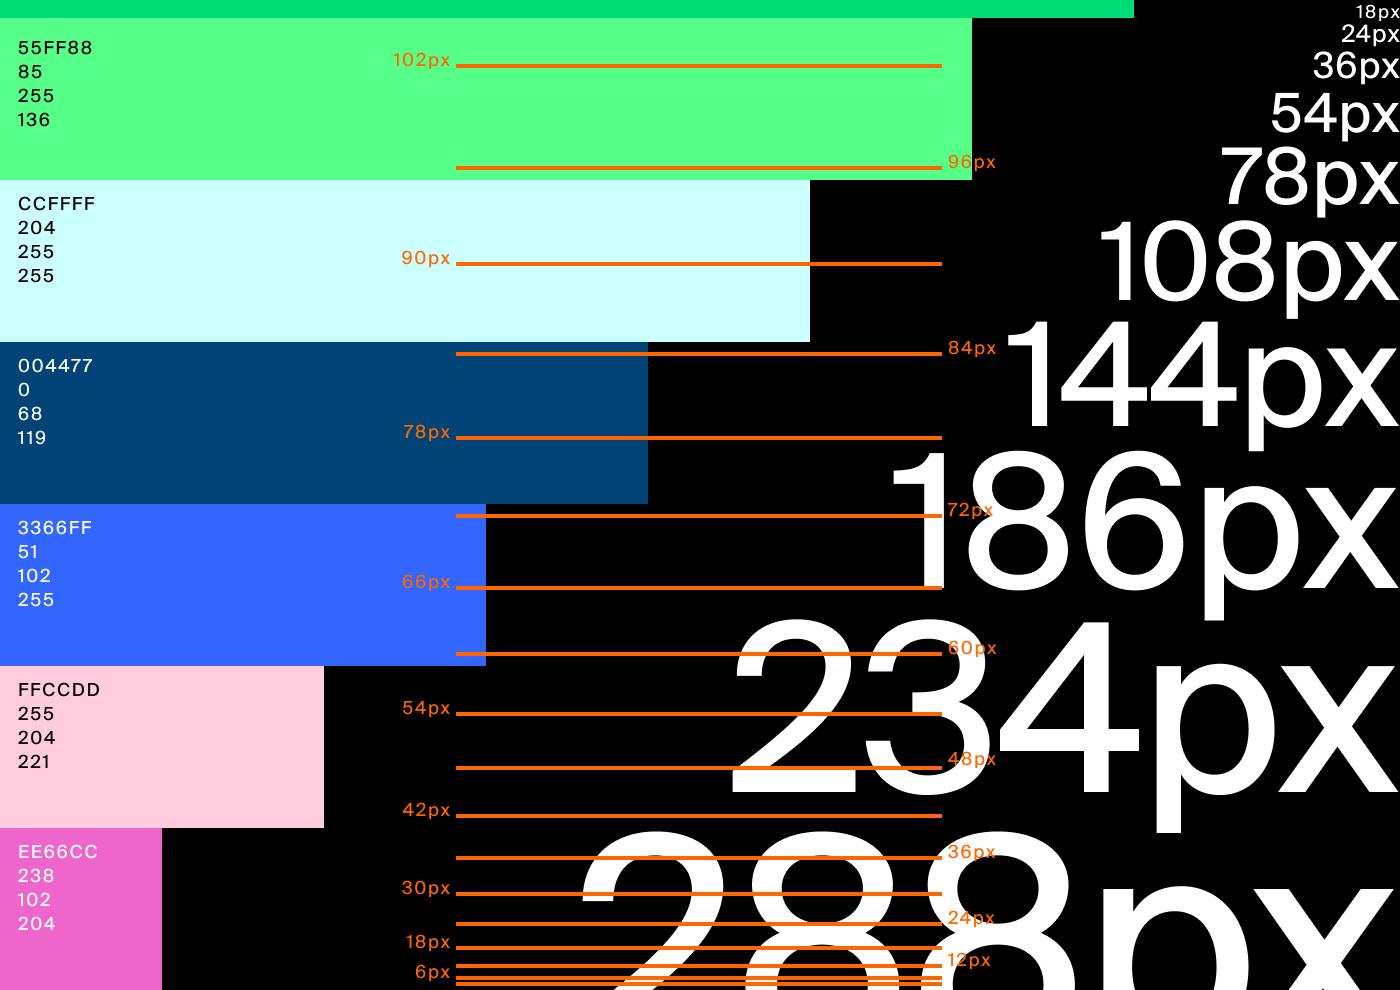 Типографика вмультиплатформенных медиа